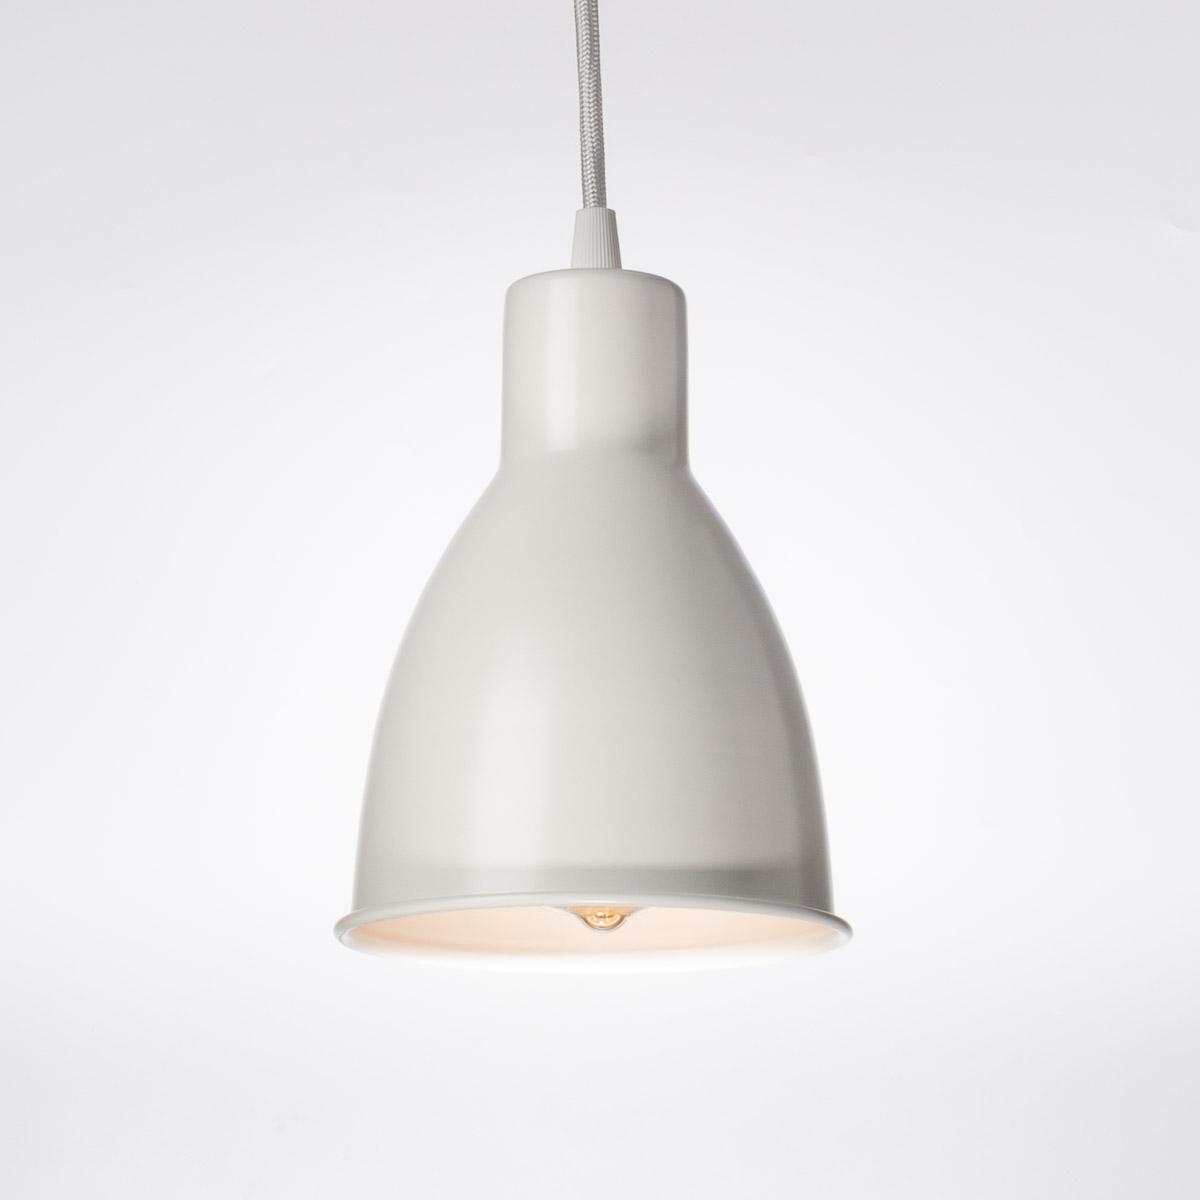 Потолочный светильник Ella белый